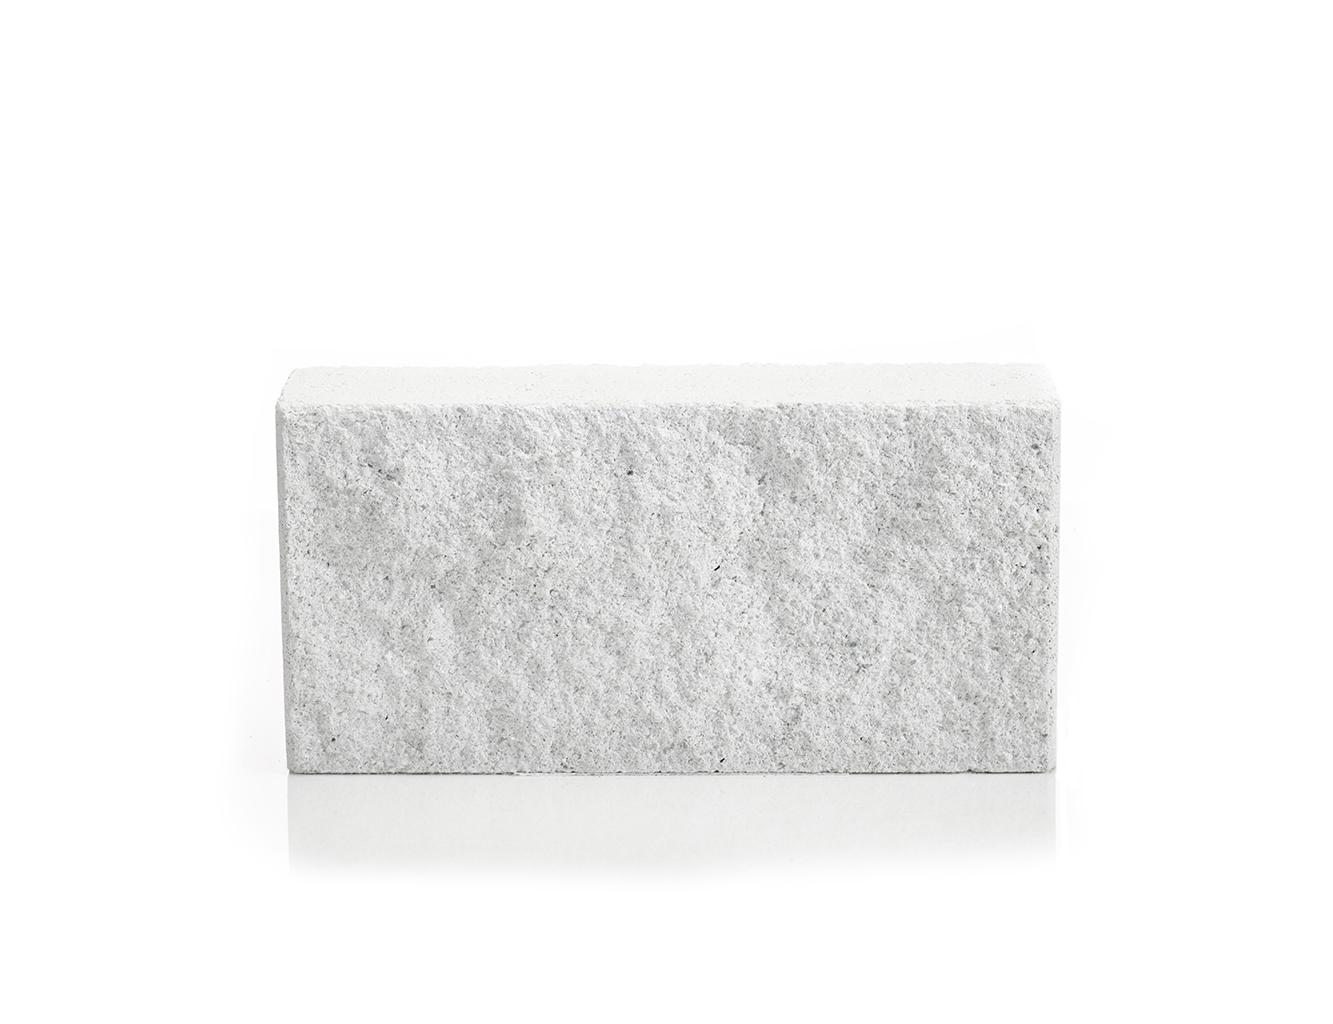 SIZED-Artic White Split Face HO.jpg